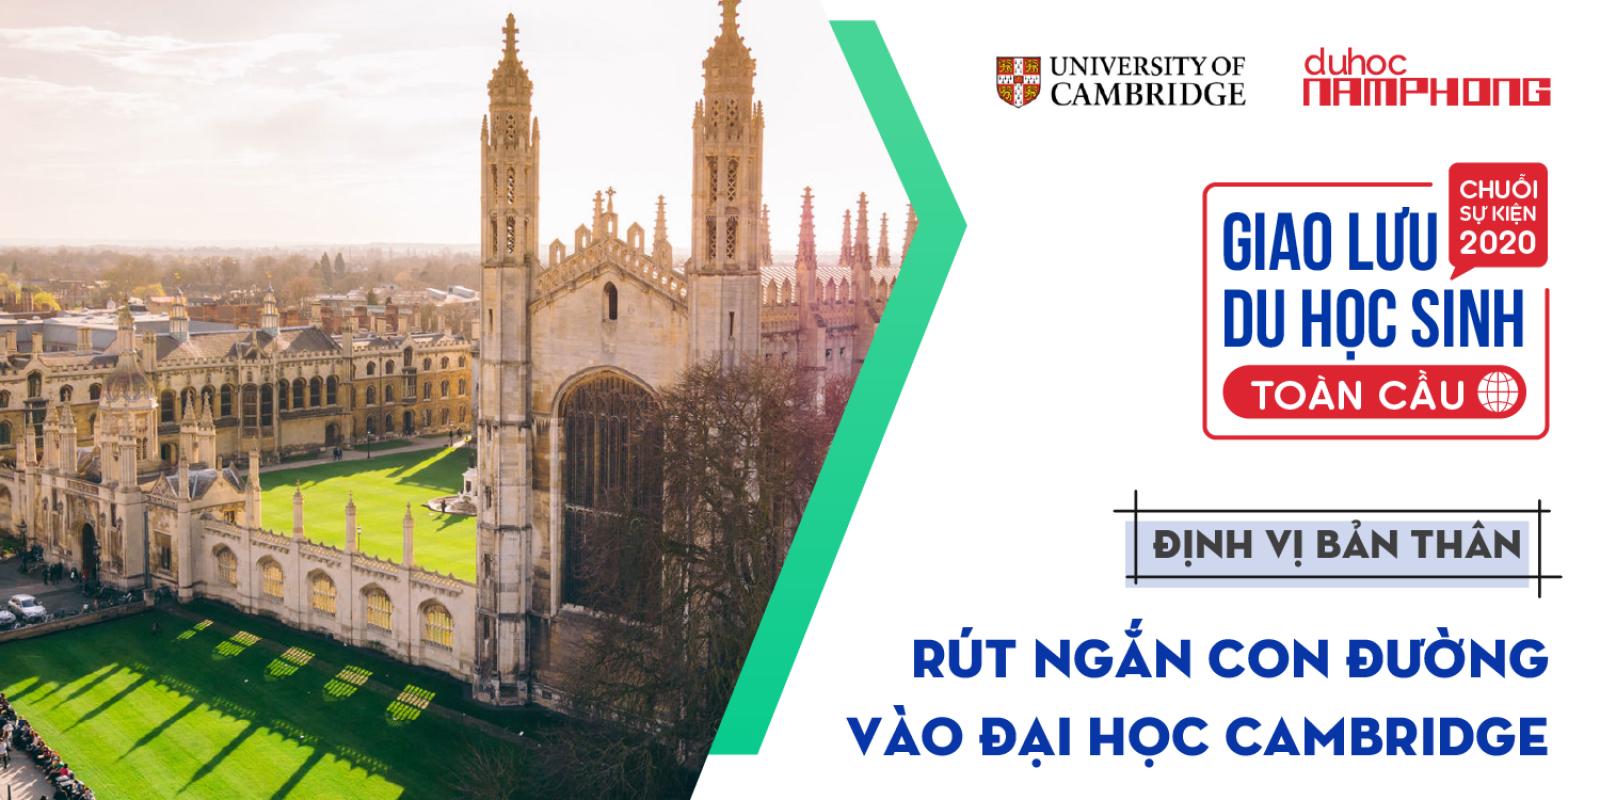 Giao lưu du học sinh - Cambridge không làm khó được học sinh Nam Phong